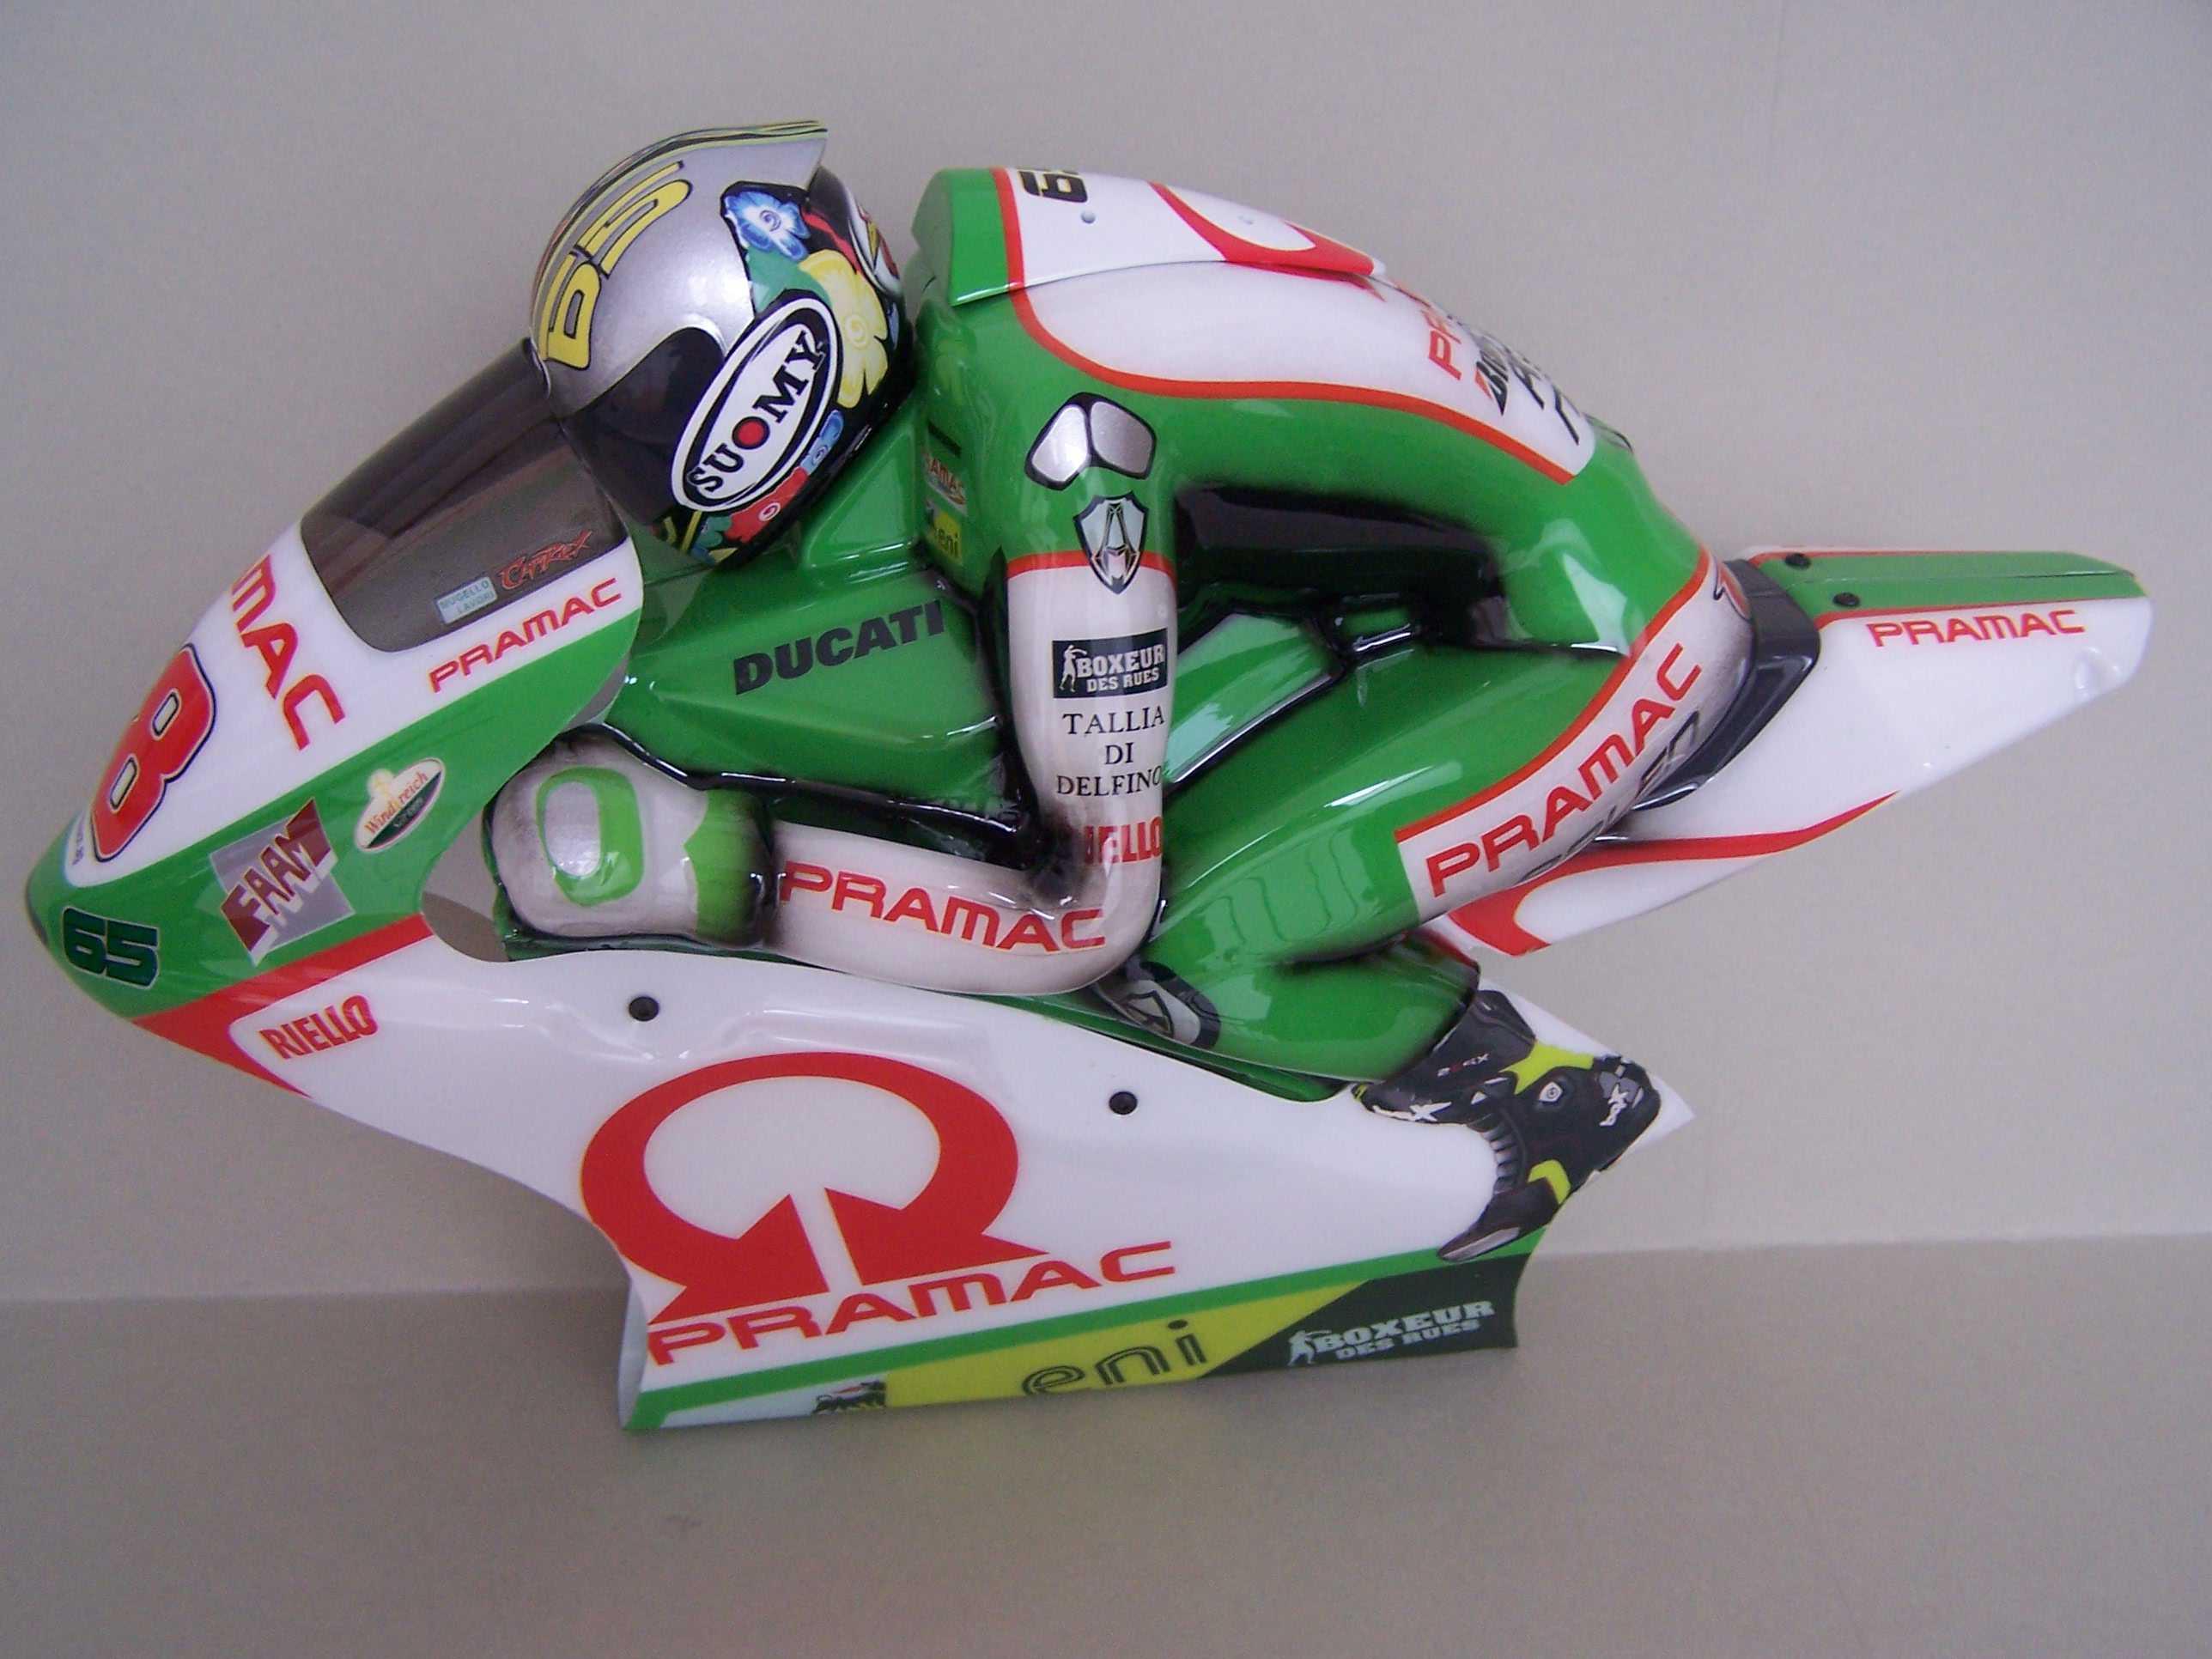 [Pramac-Ducati-1.jpg]